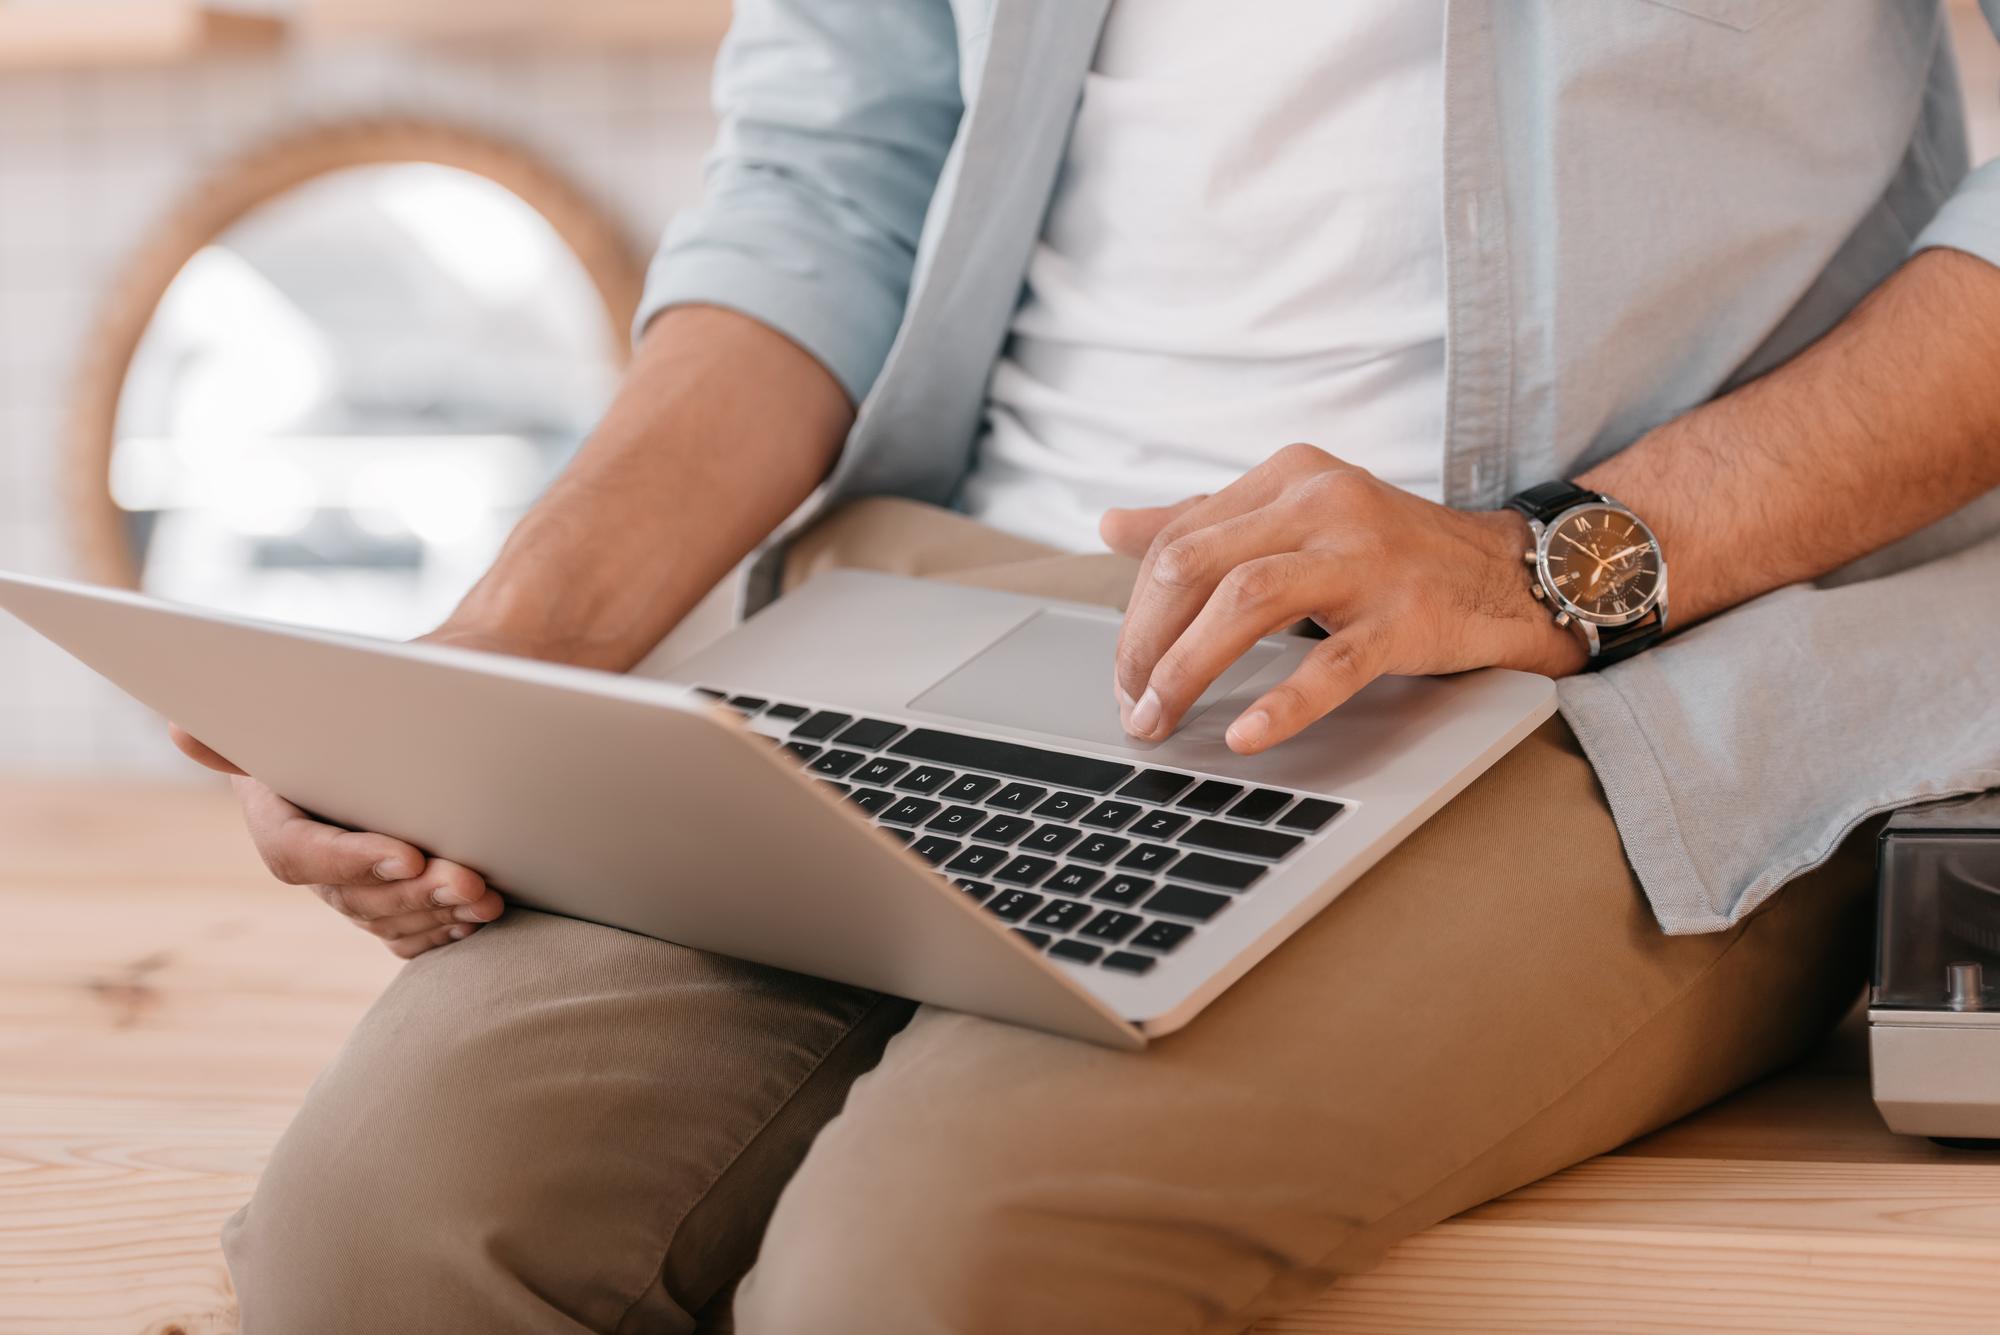 used macbook laptop